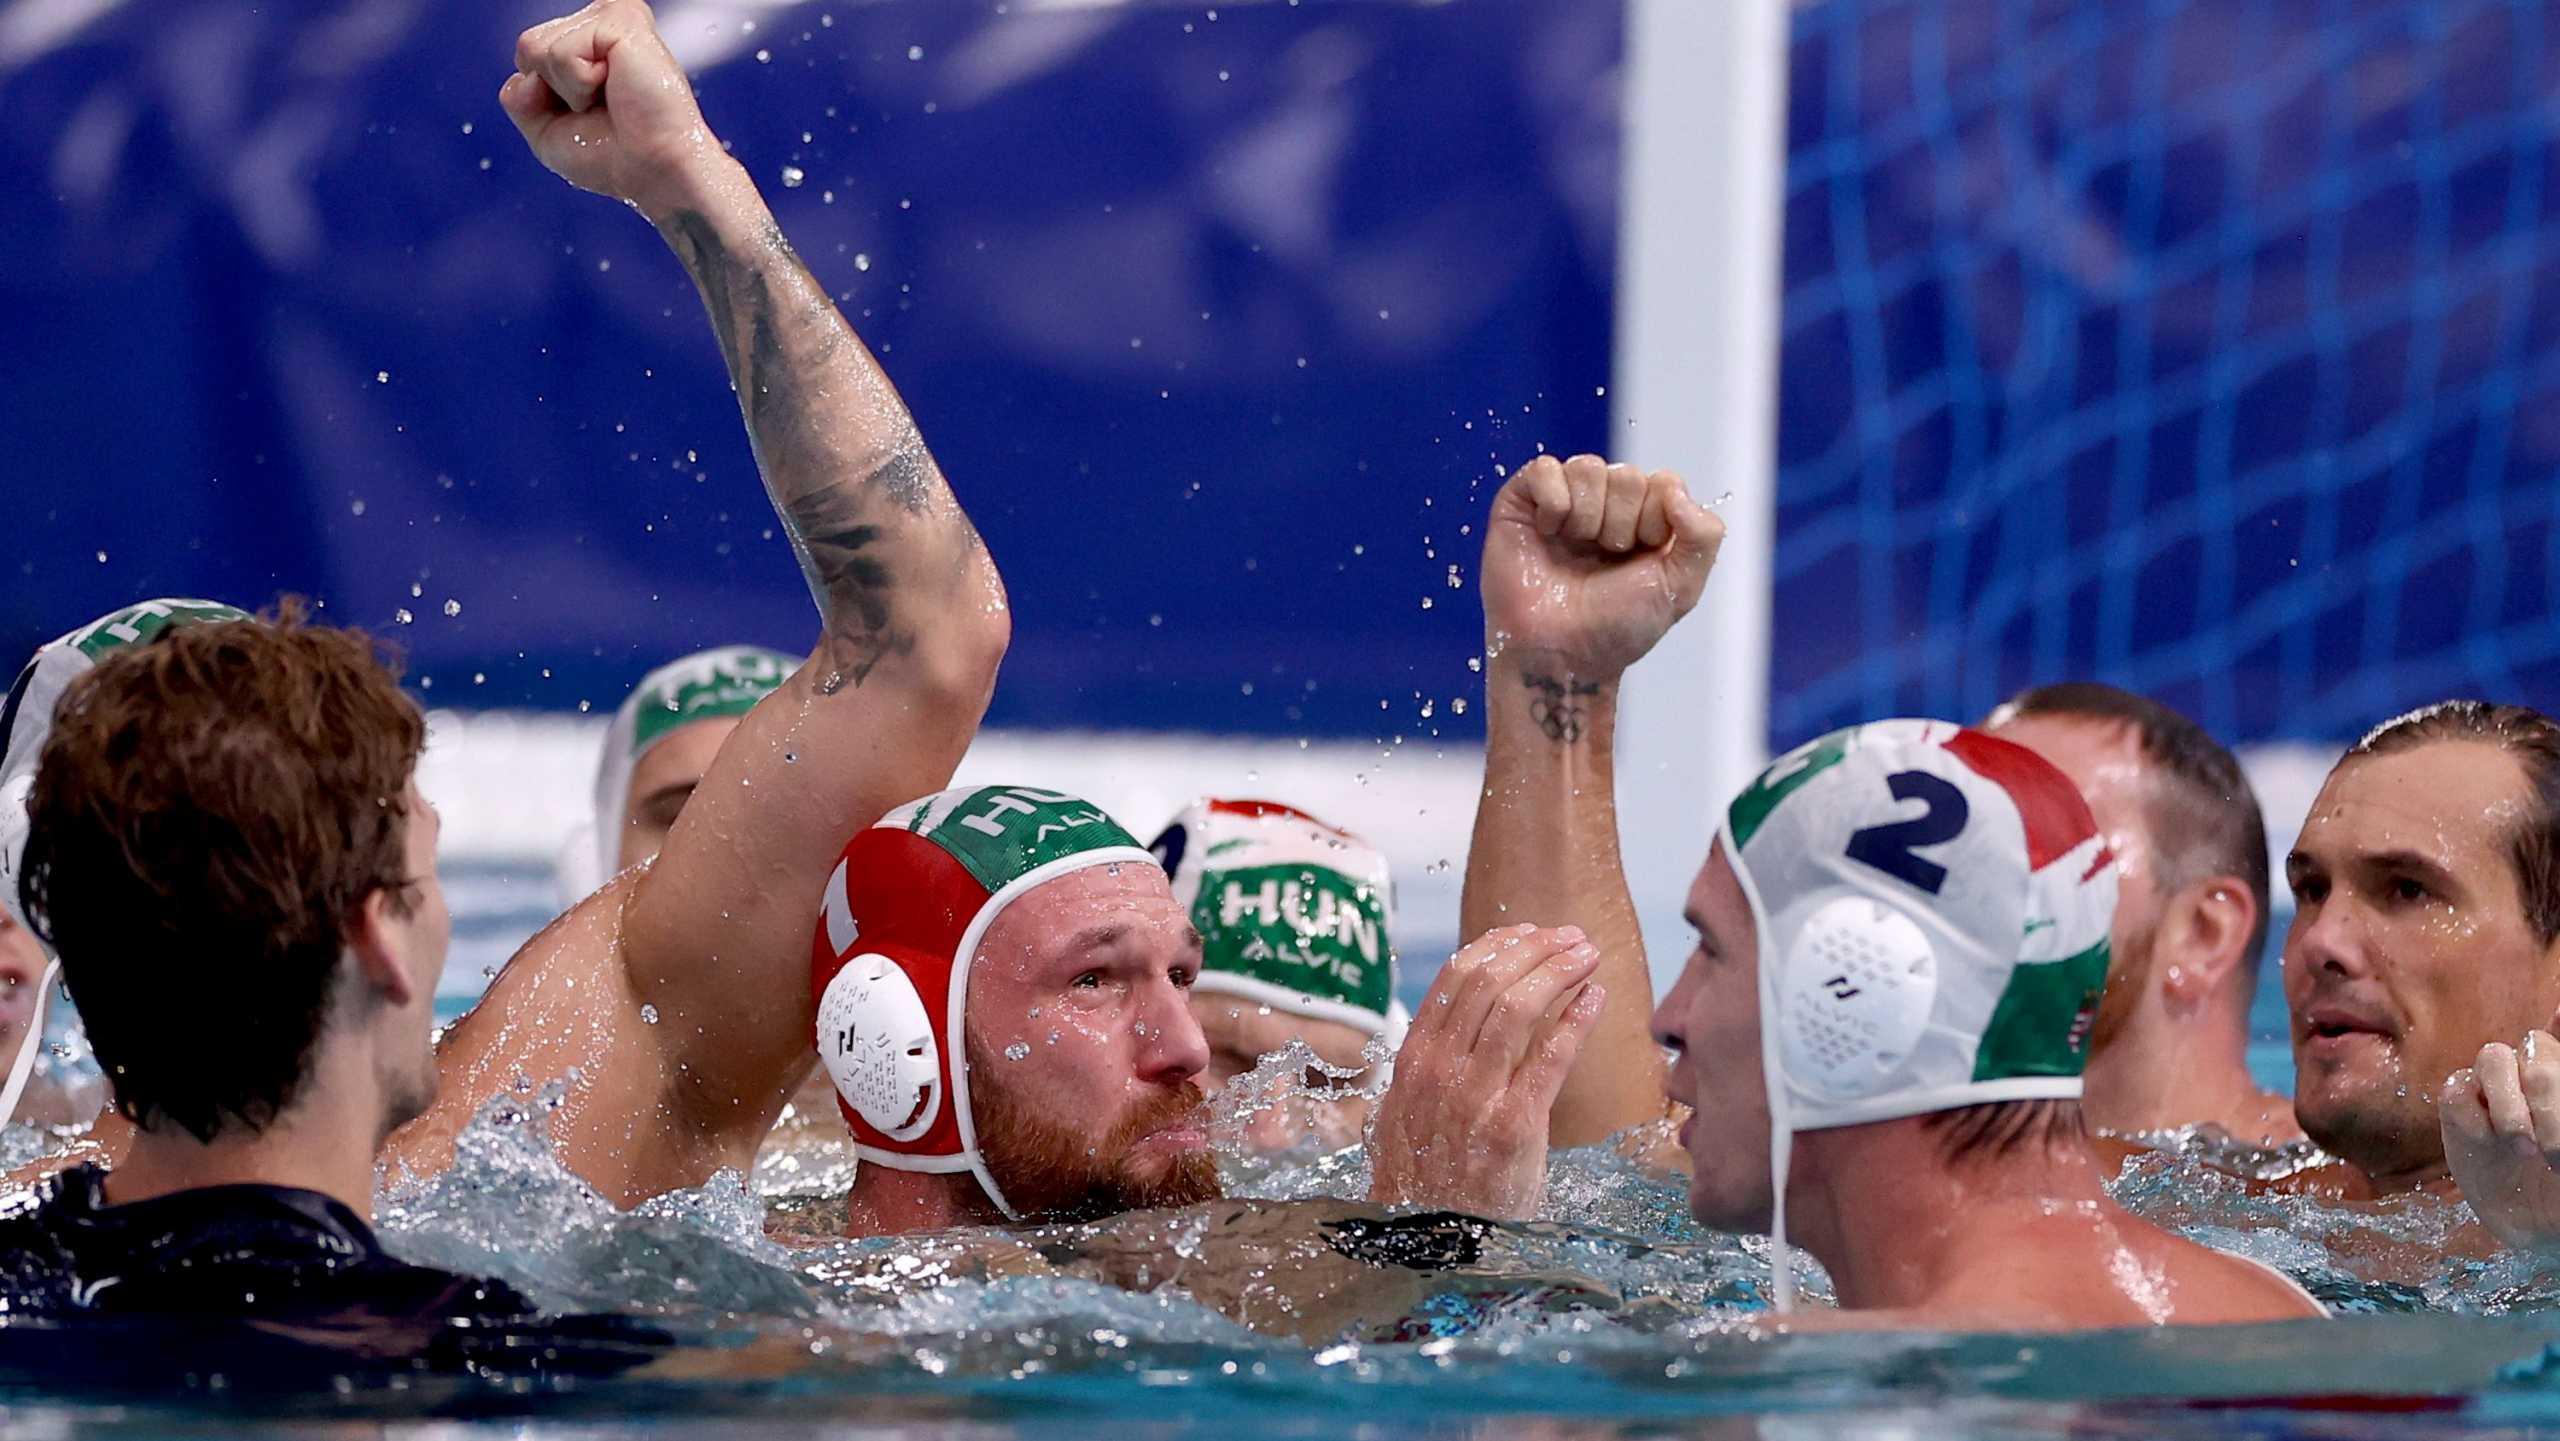 Ολυμπιακοί Αγώνες: Μετάλλιο για την  Ουγγαρία στο πόλο ανδρών μετά από 13 χρόνια